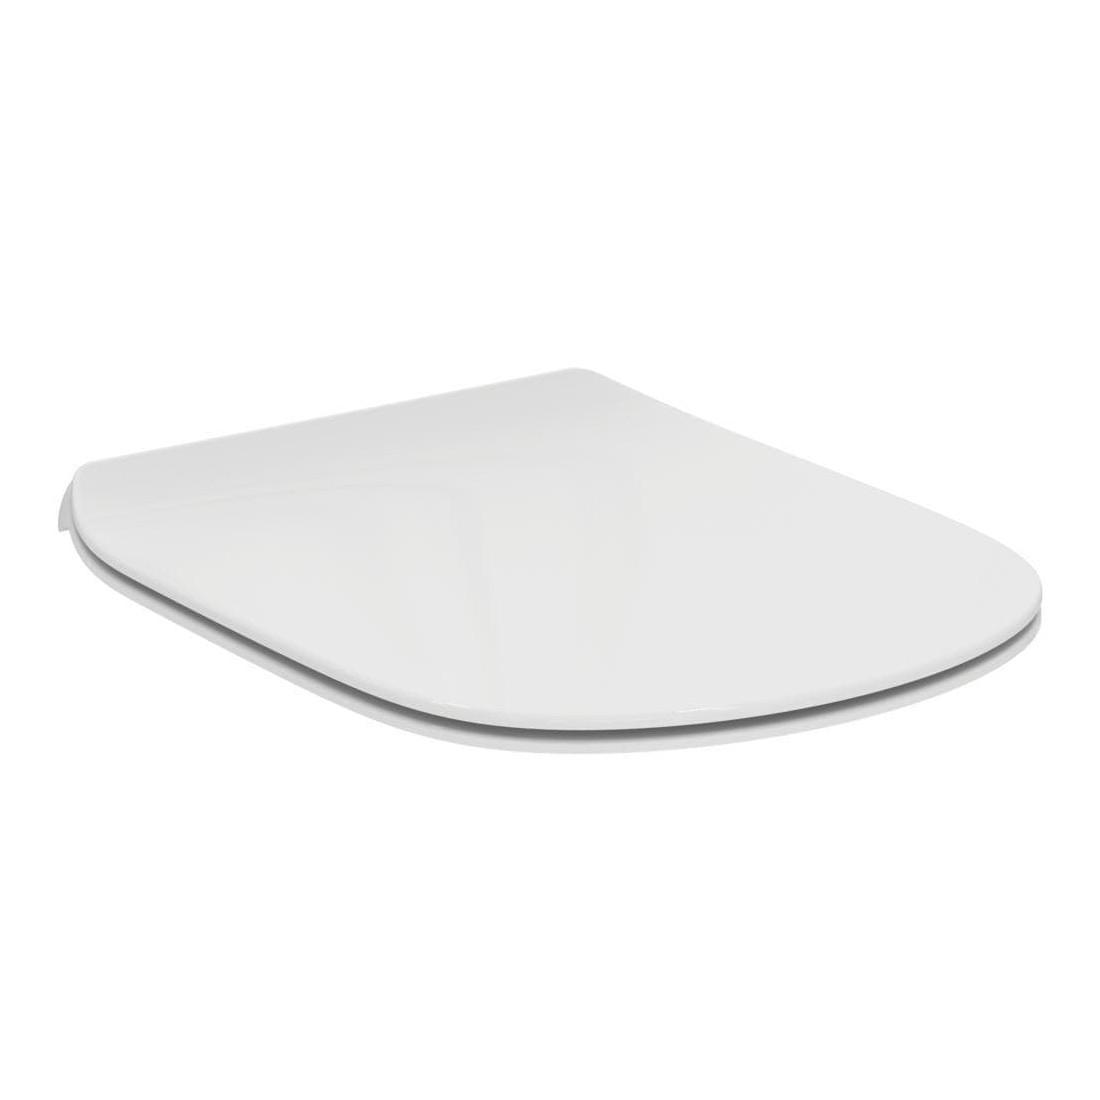 Dangtis WC Ideal Standard Tesi, Thin, lėtai nusileidžiantis